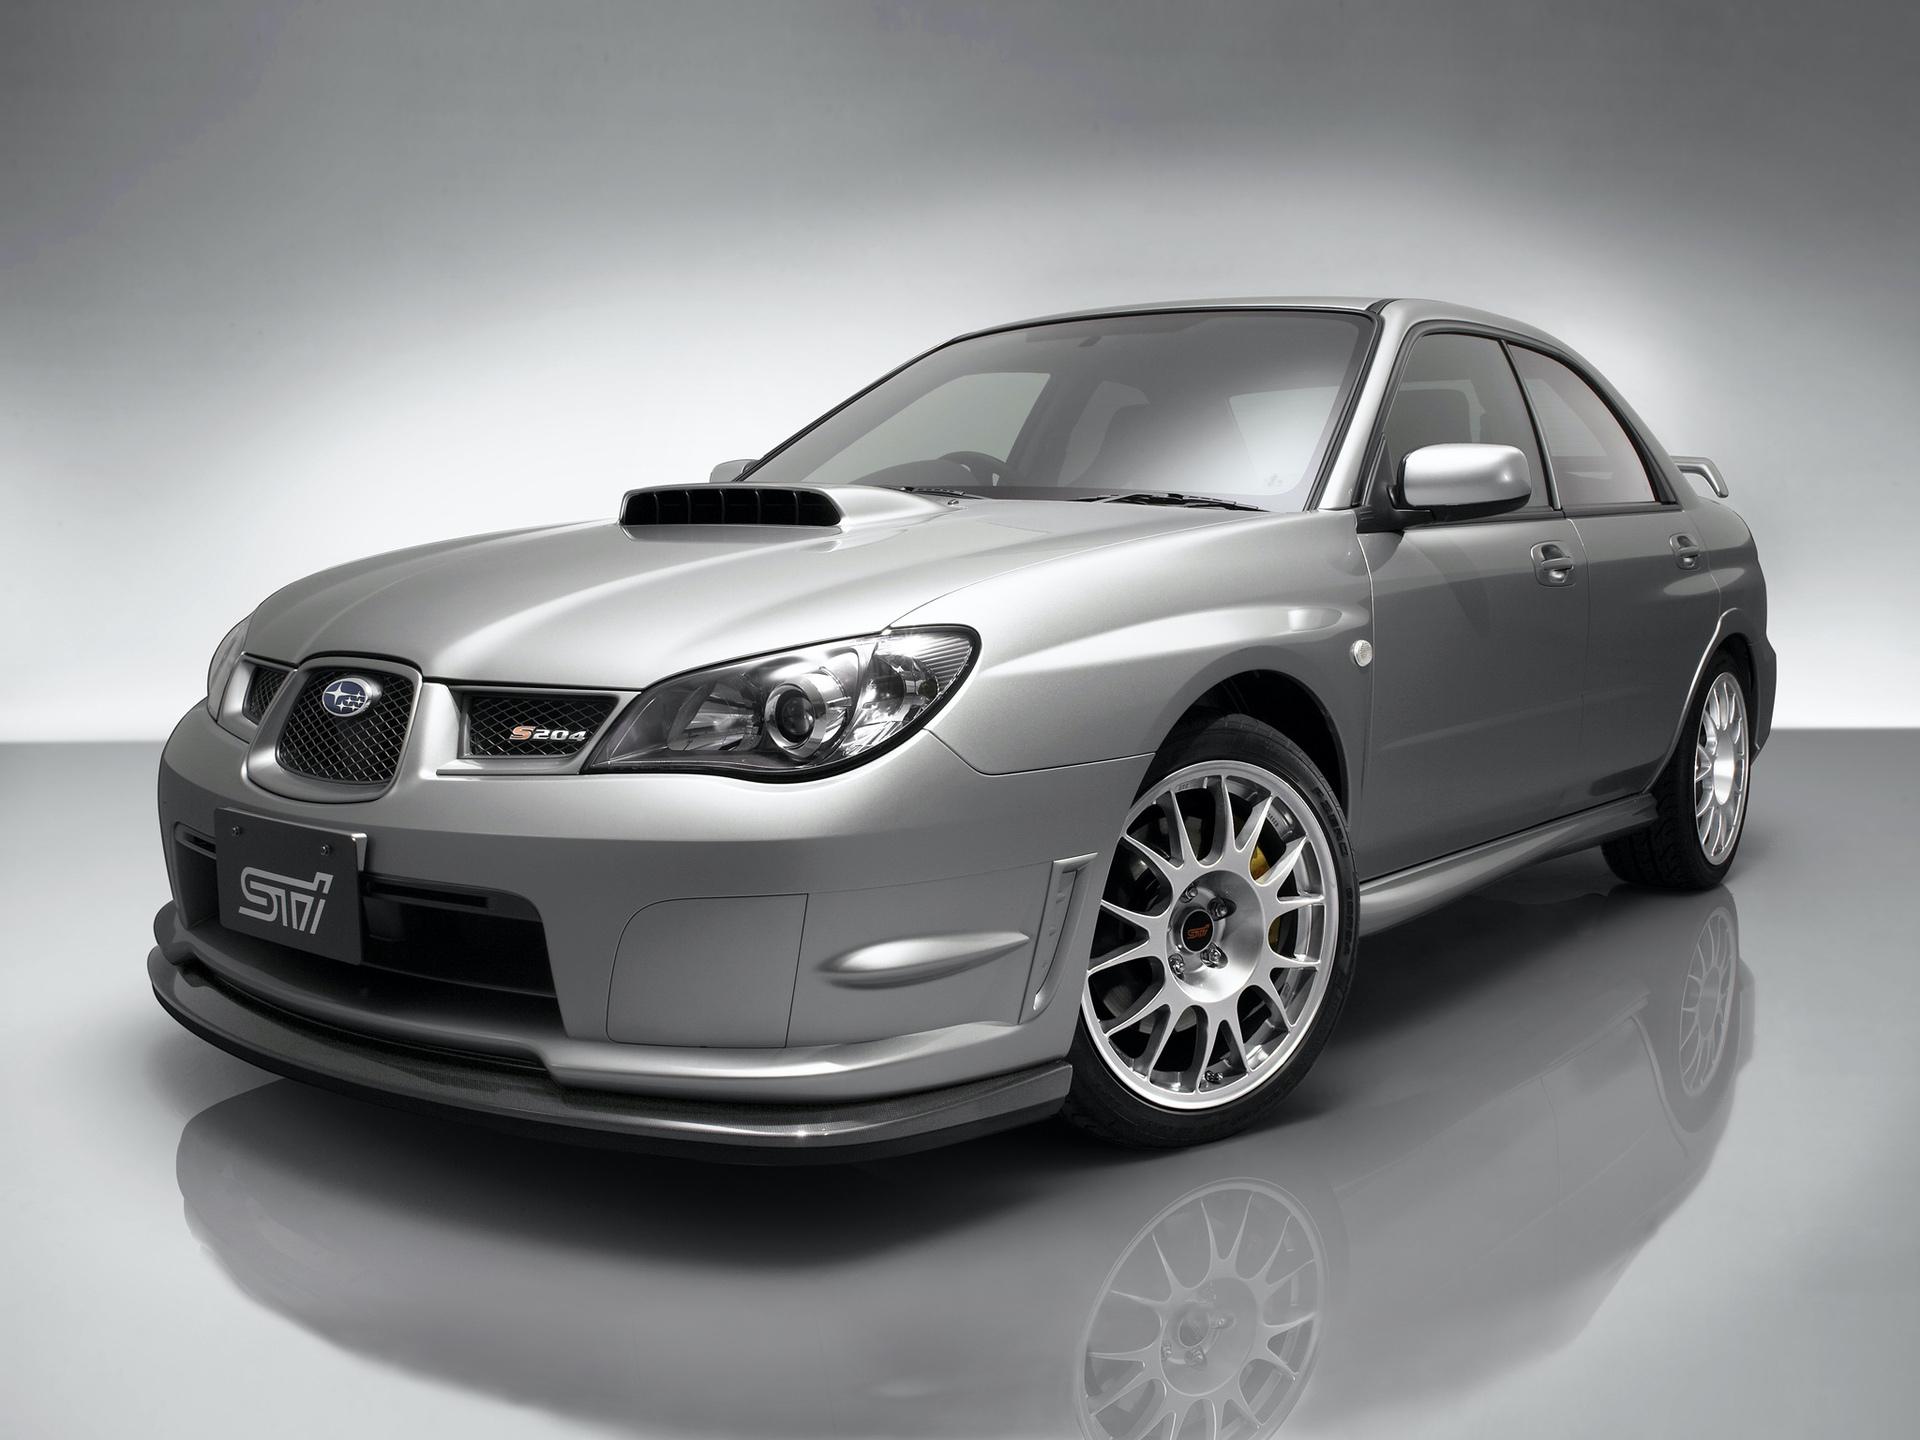 Subaru_Impreza_STI_S204_0009